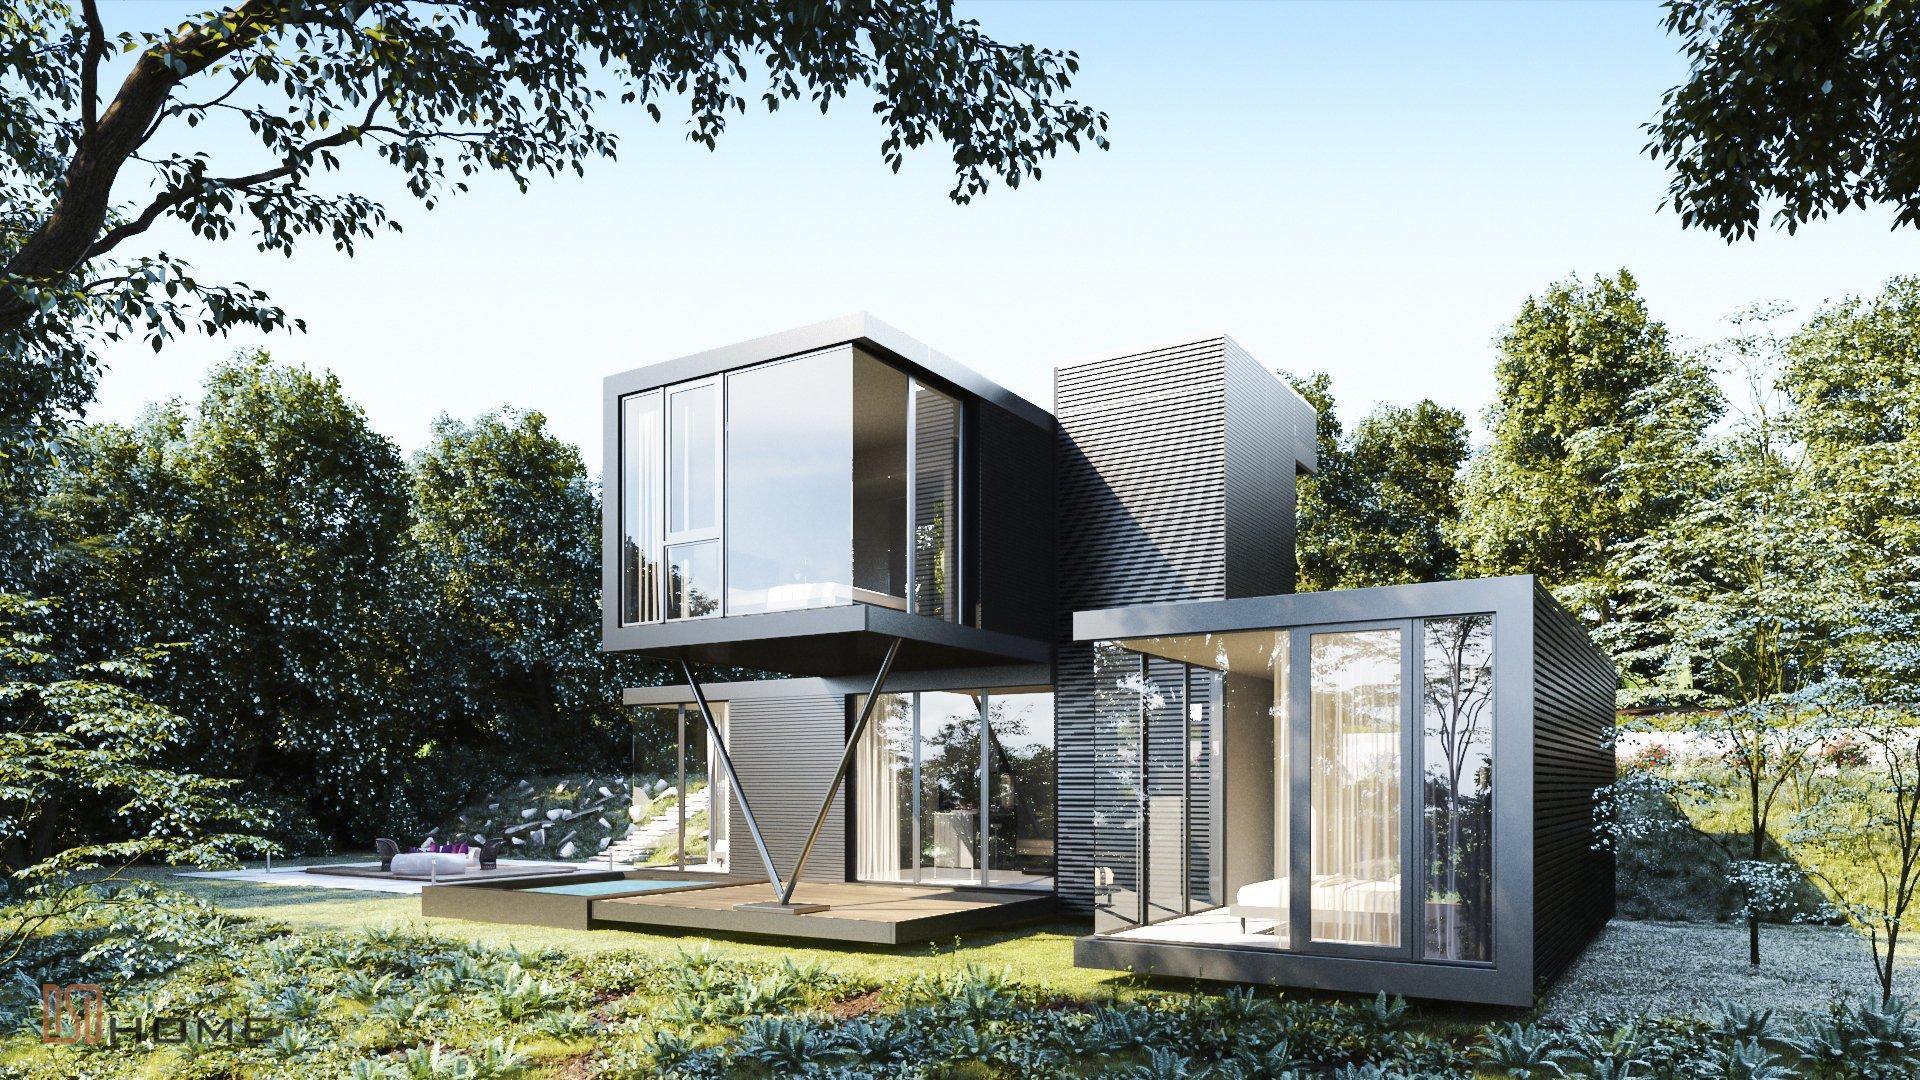 Tổng hợp những lĩnh vực thiết kế của công ty kiến trúc DSD